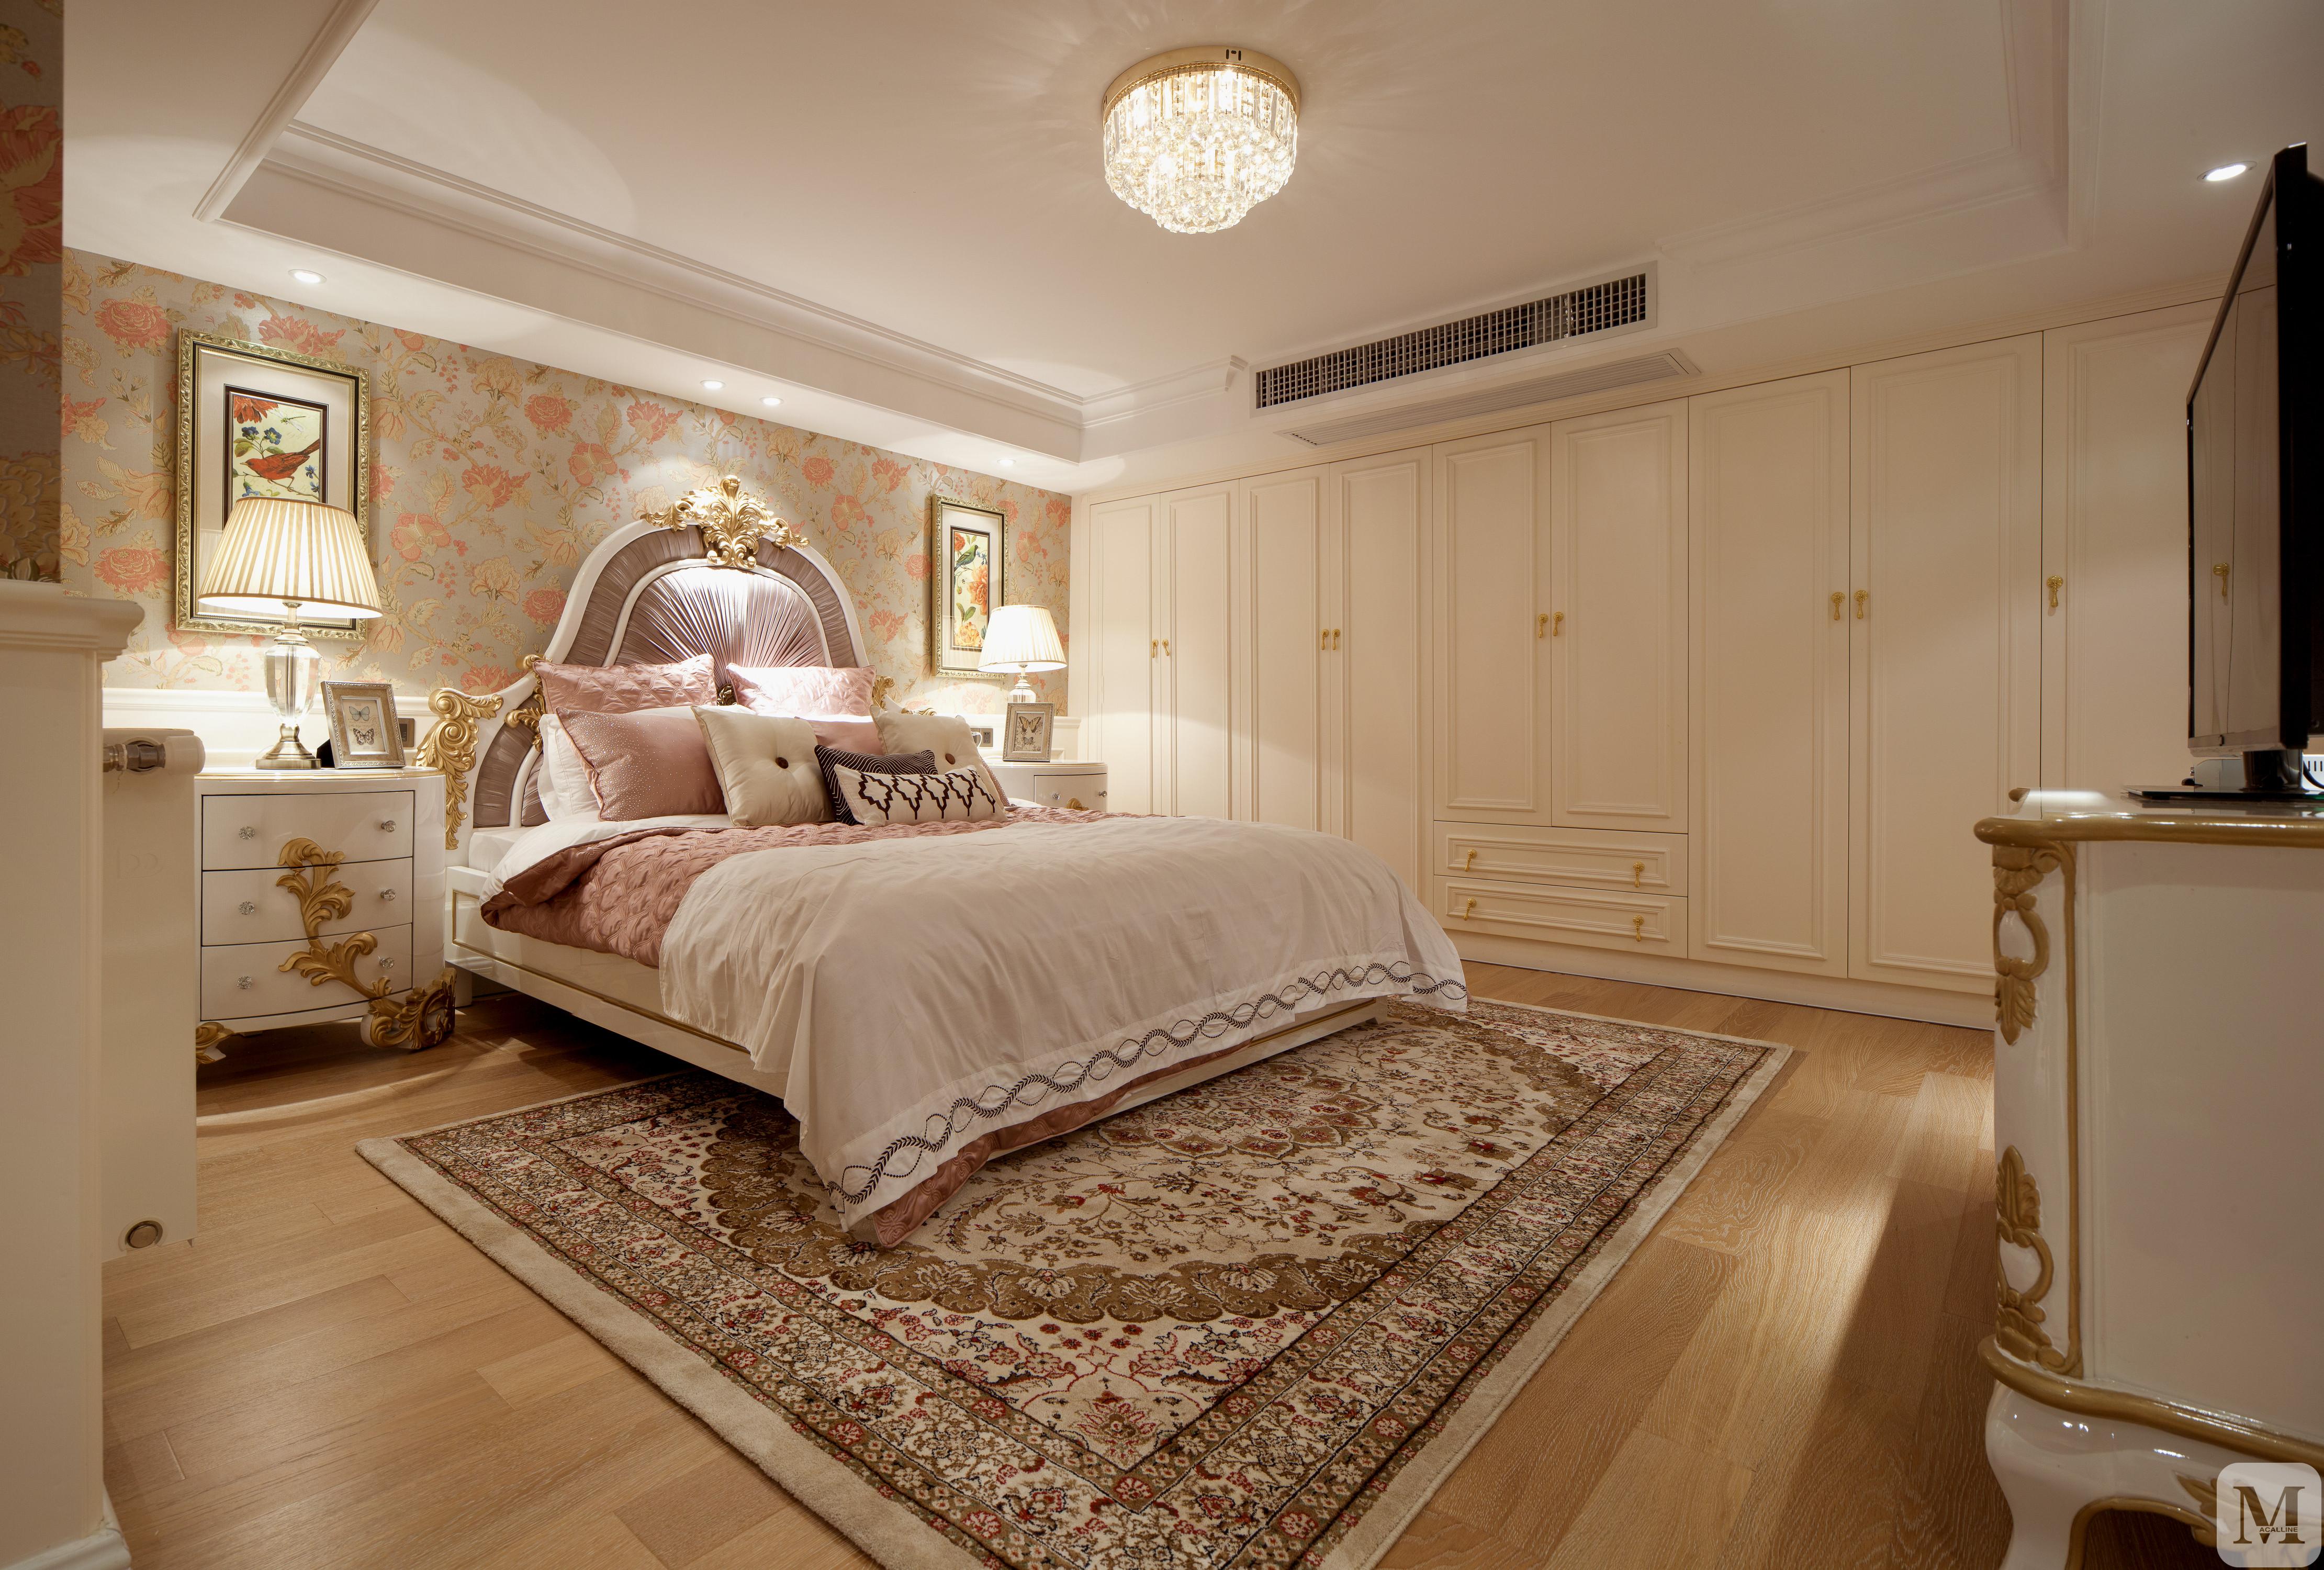 简欧卧室窗帘装修效果图 图片信息 卧室吊顶窗帘衣柜简欧 立即提交图片